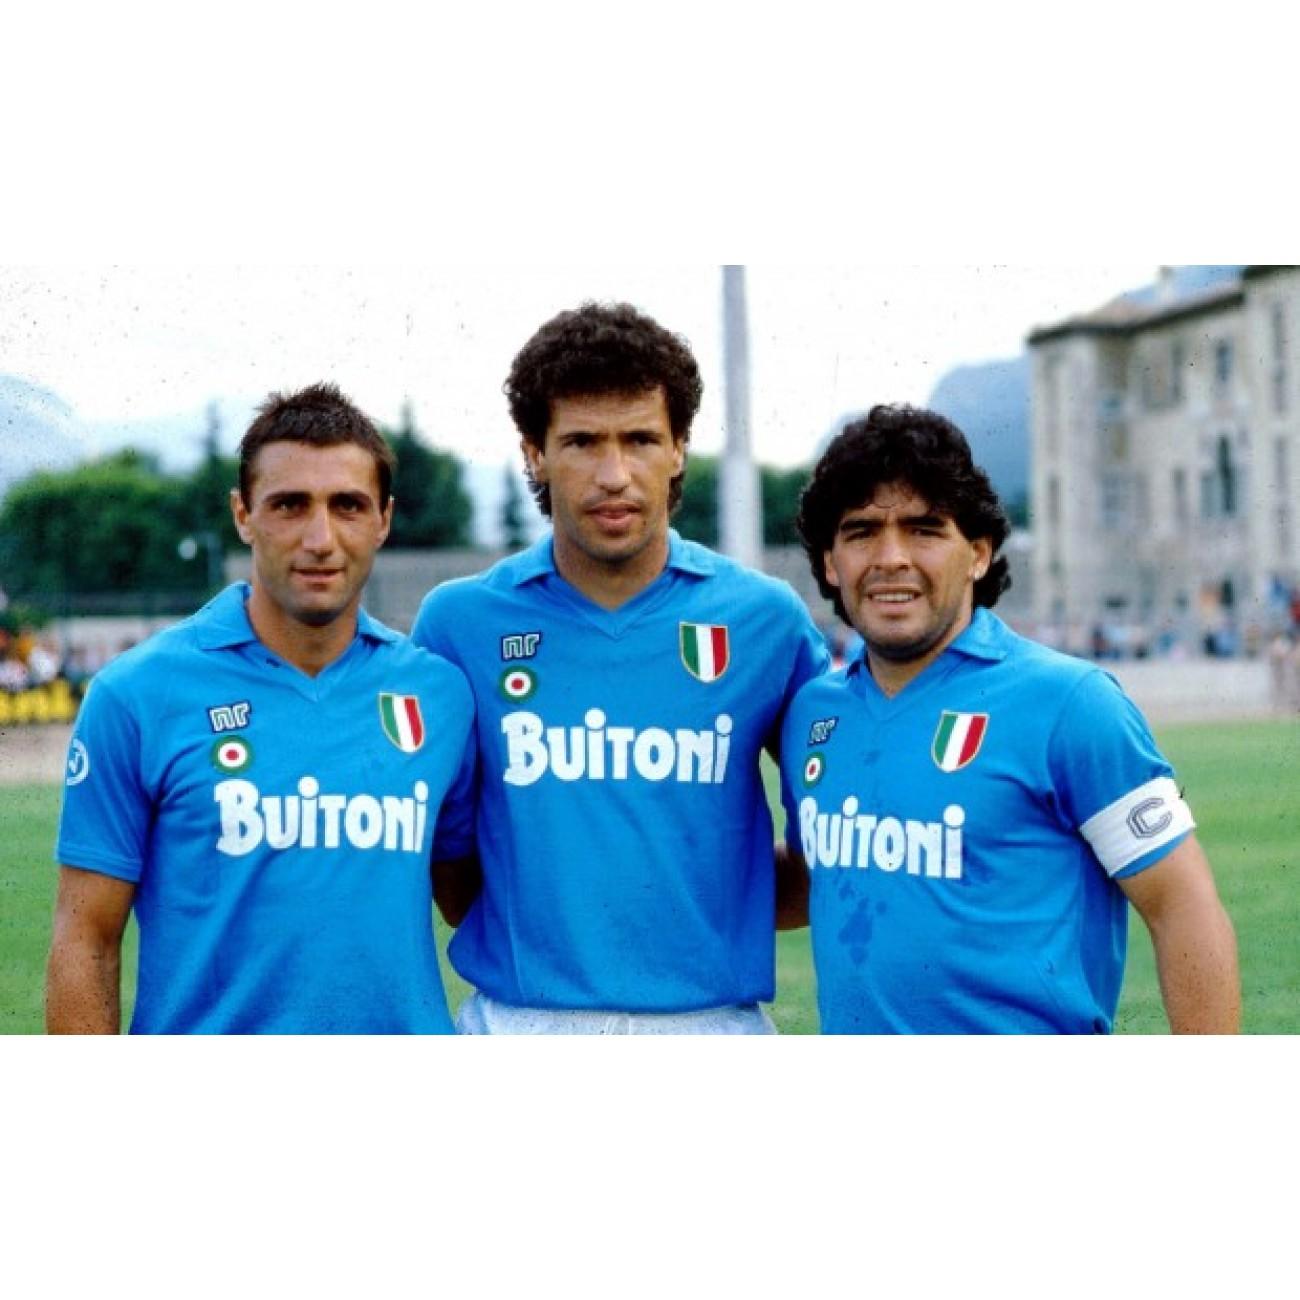 c8bef810bf6a9 Camiseta Maradona Napoli